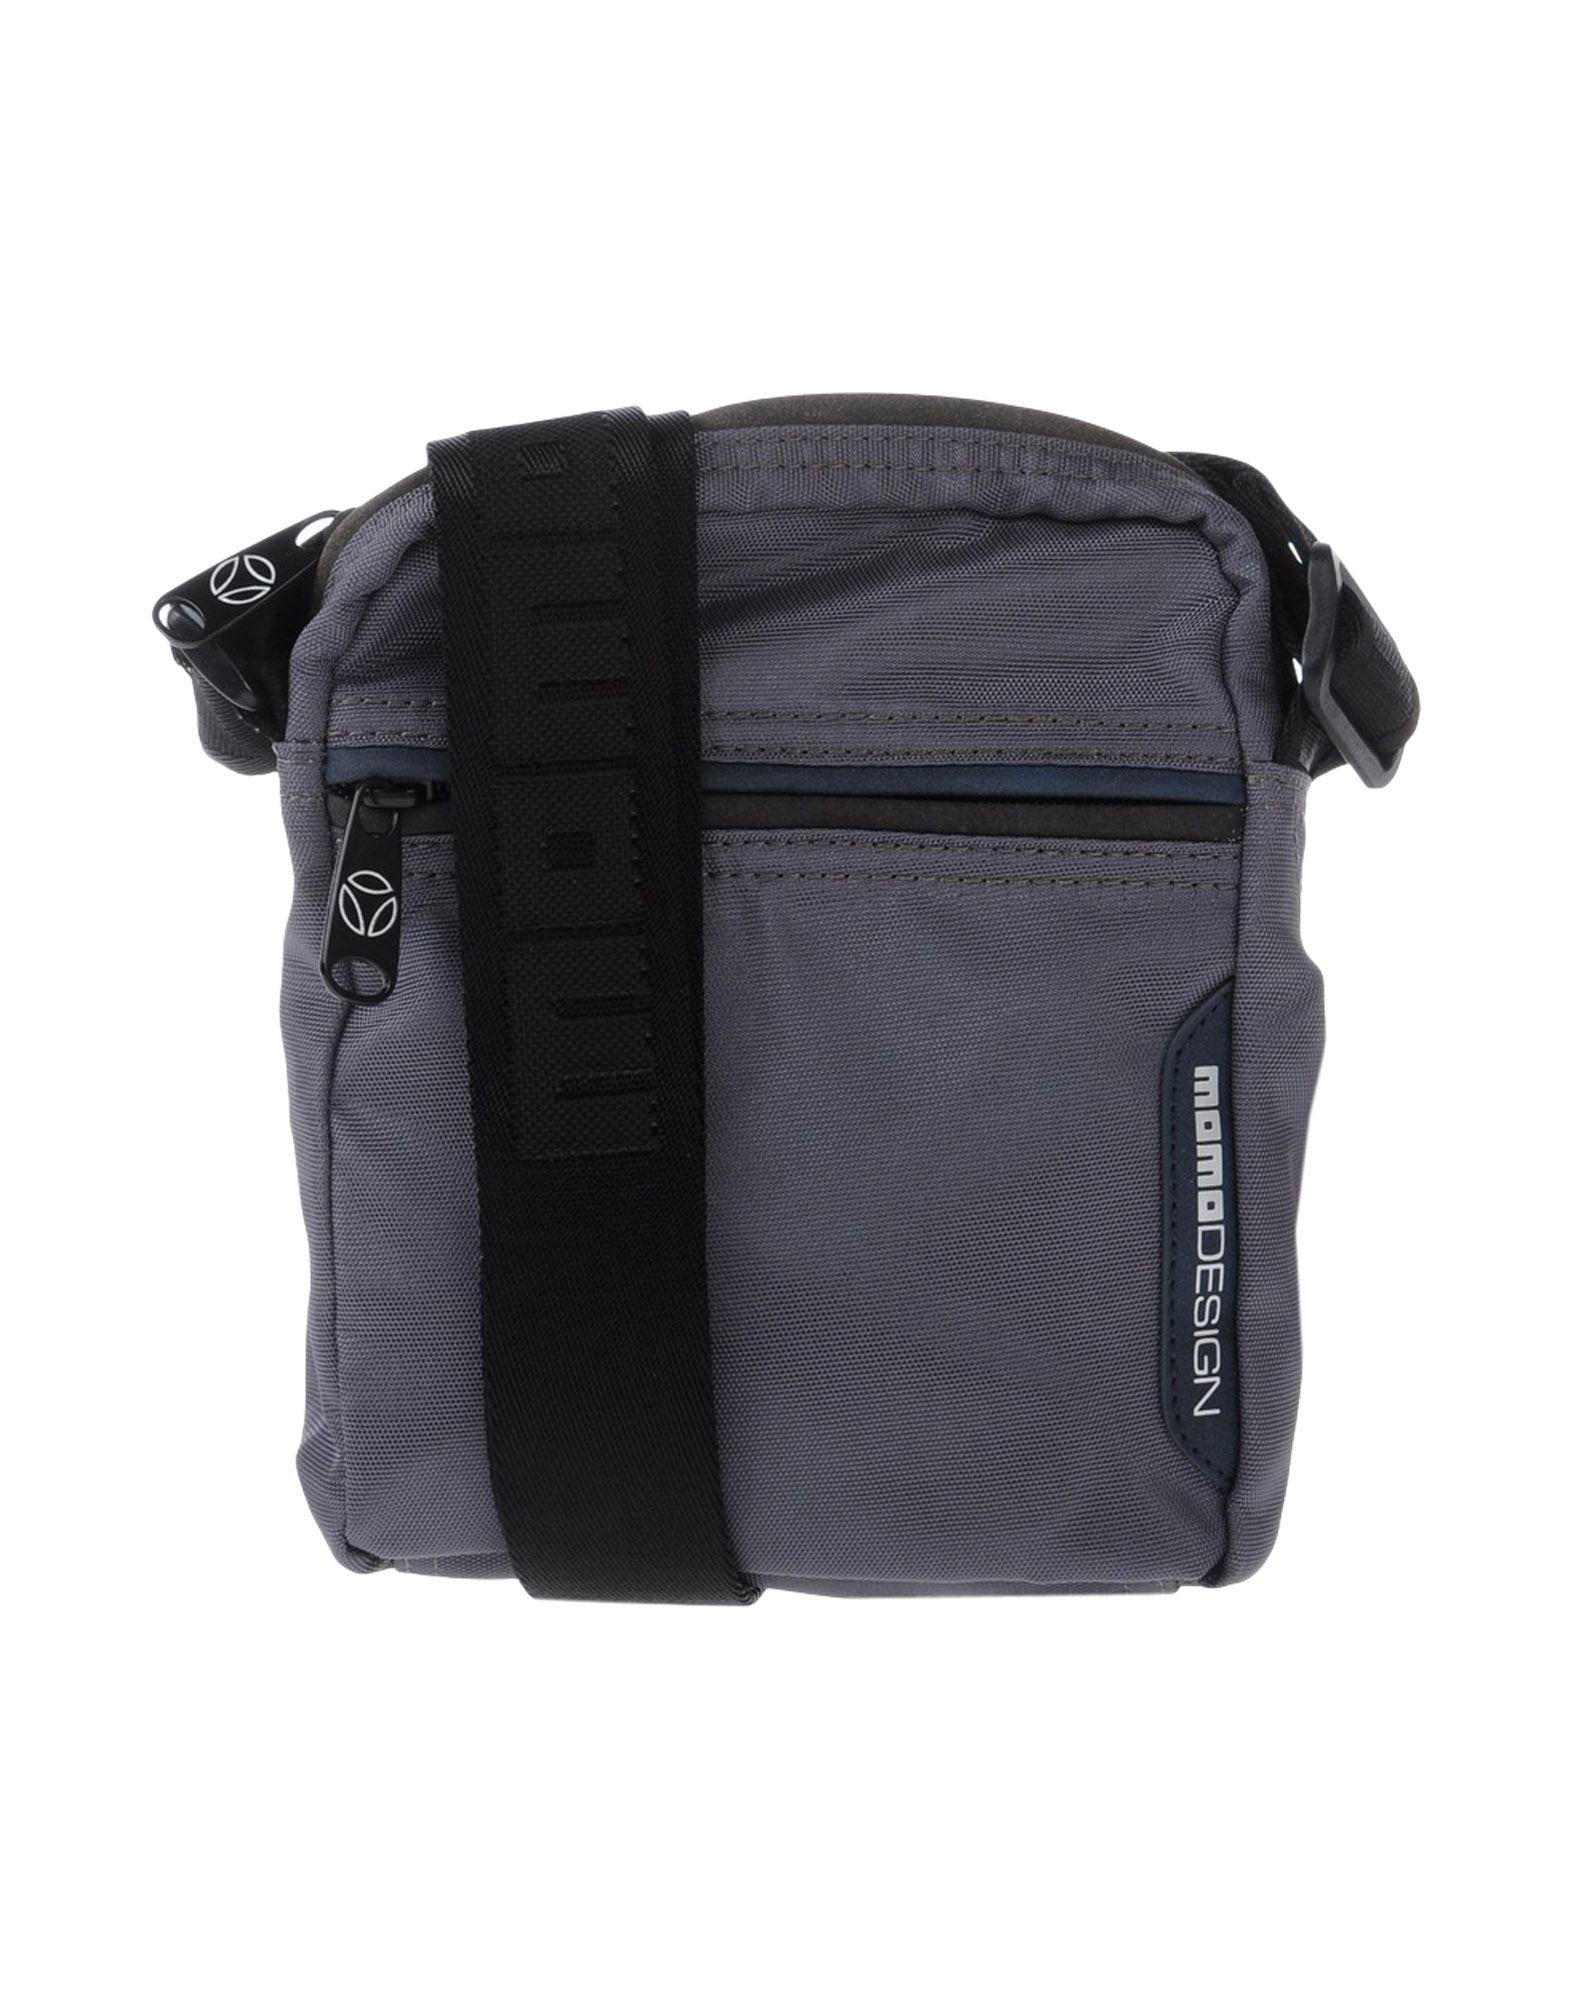 MOMO DESIGN Herren Handtaschen Farbe Grau Größe 1